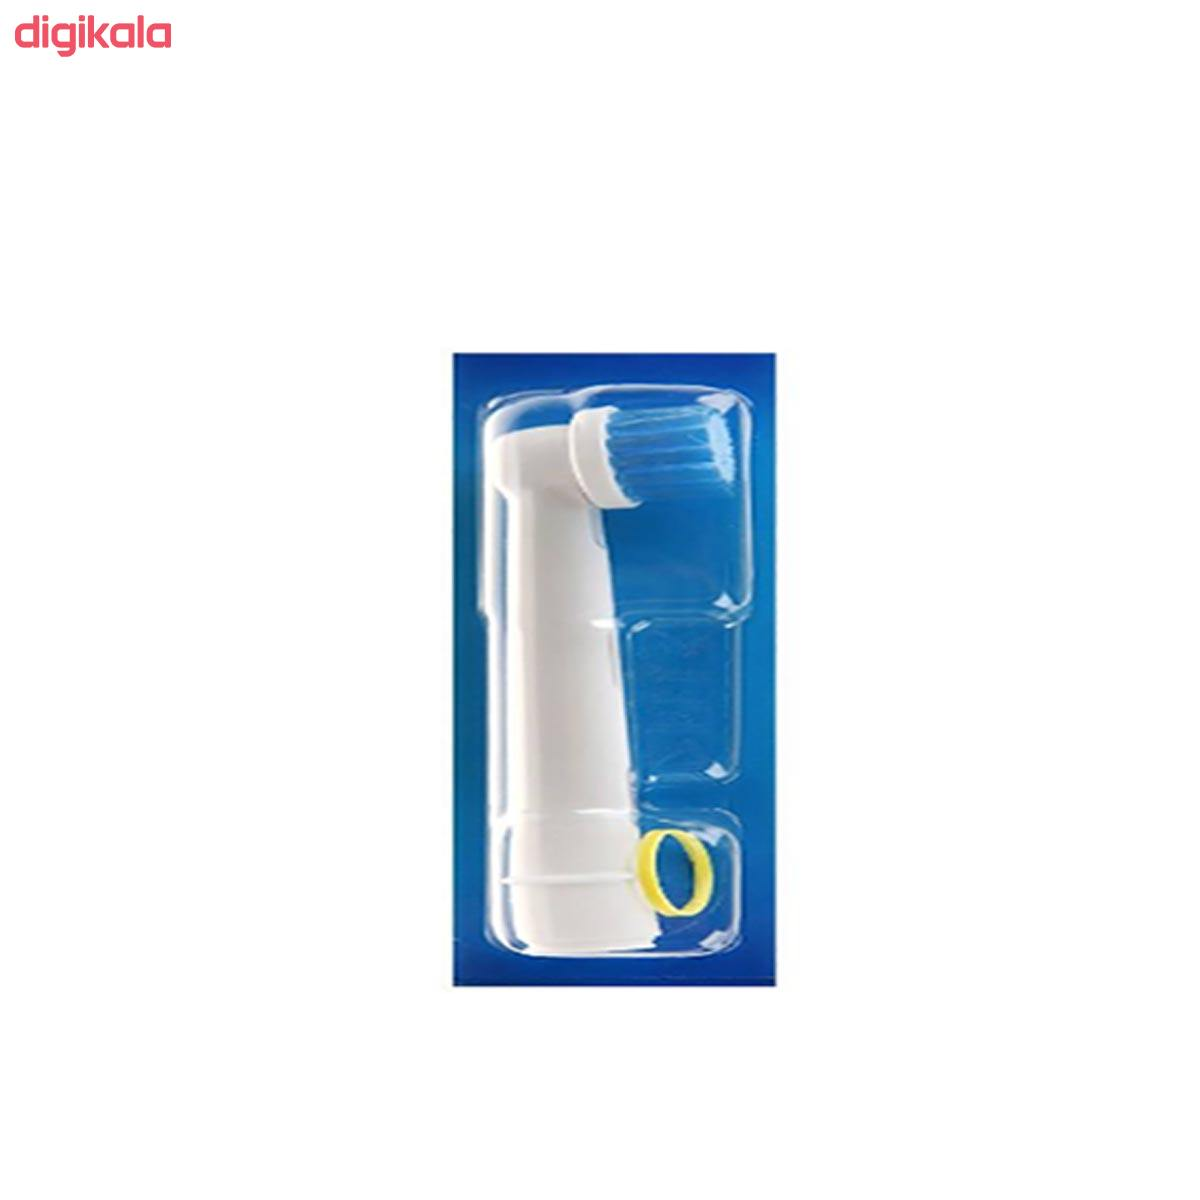 مسواک برقی اورال-بی مدل  Vitality Sensitive Clean main 1 2